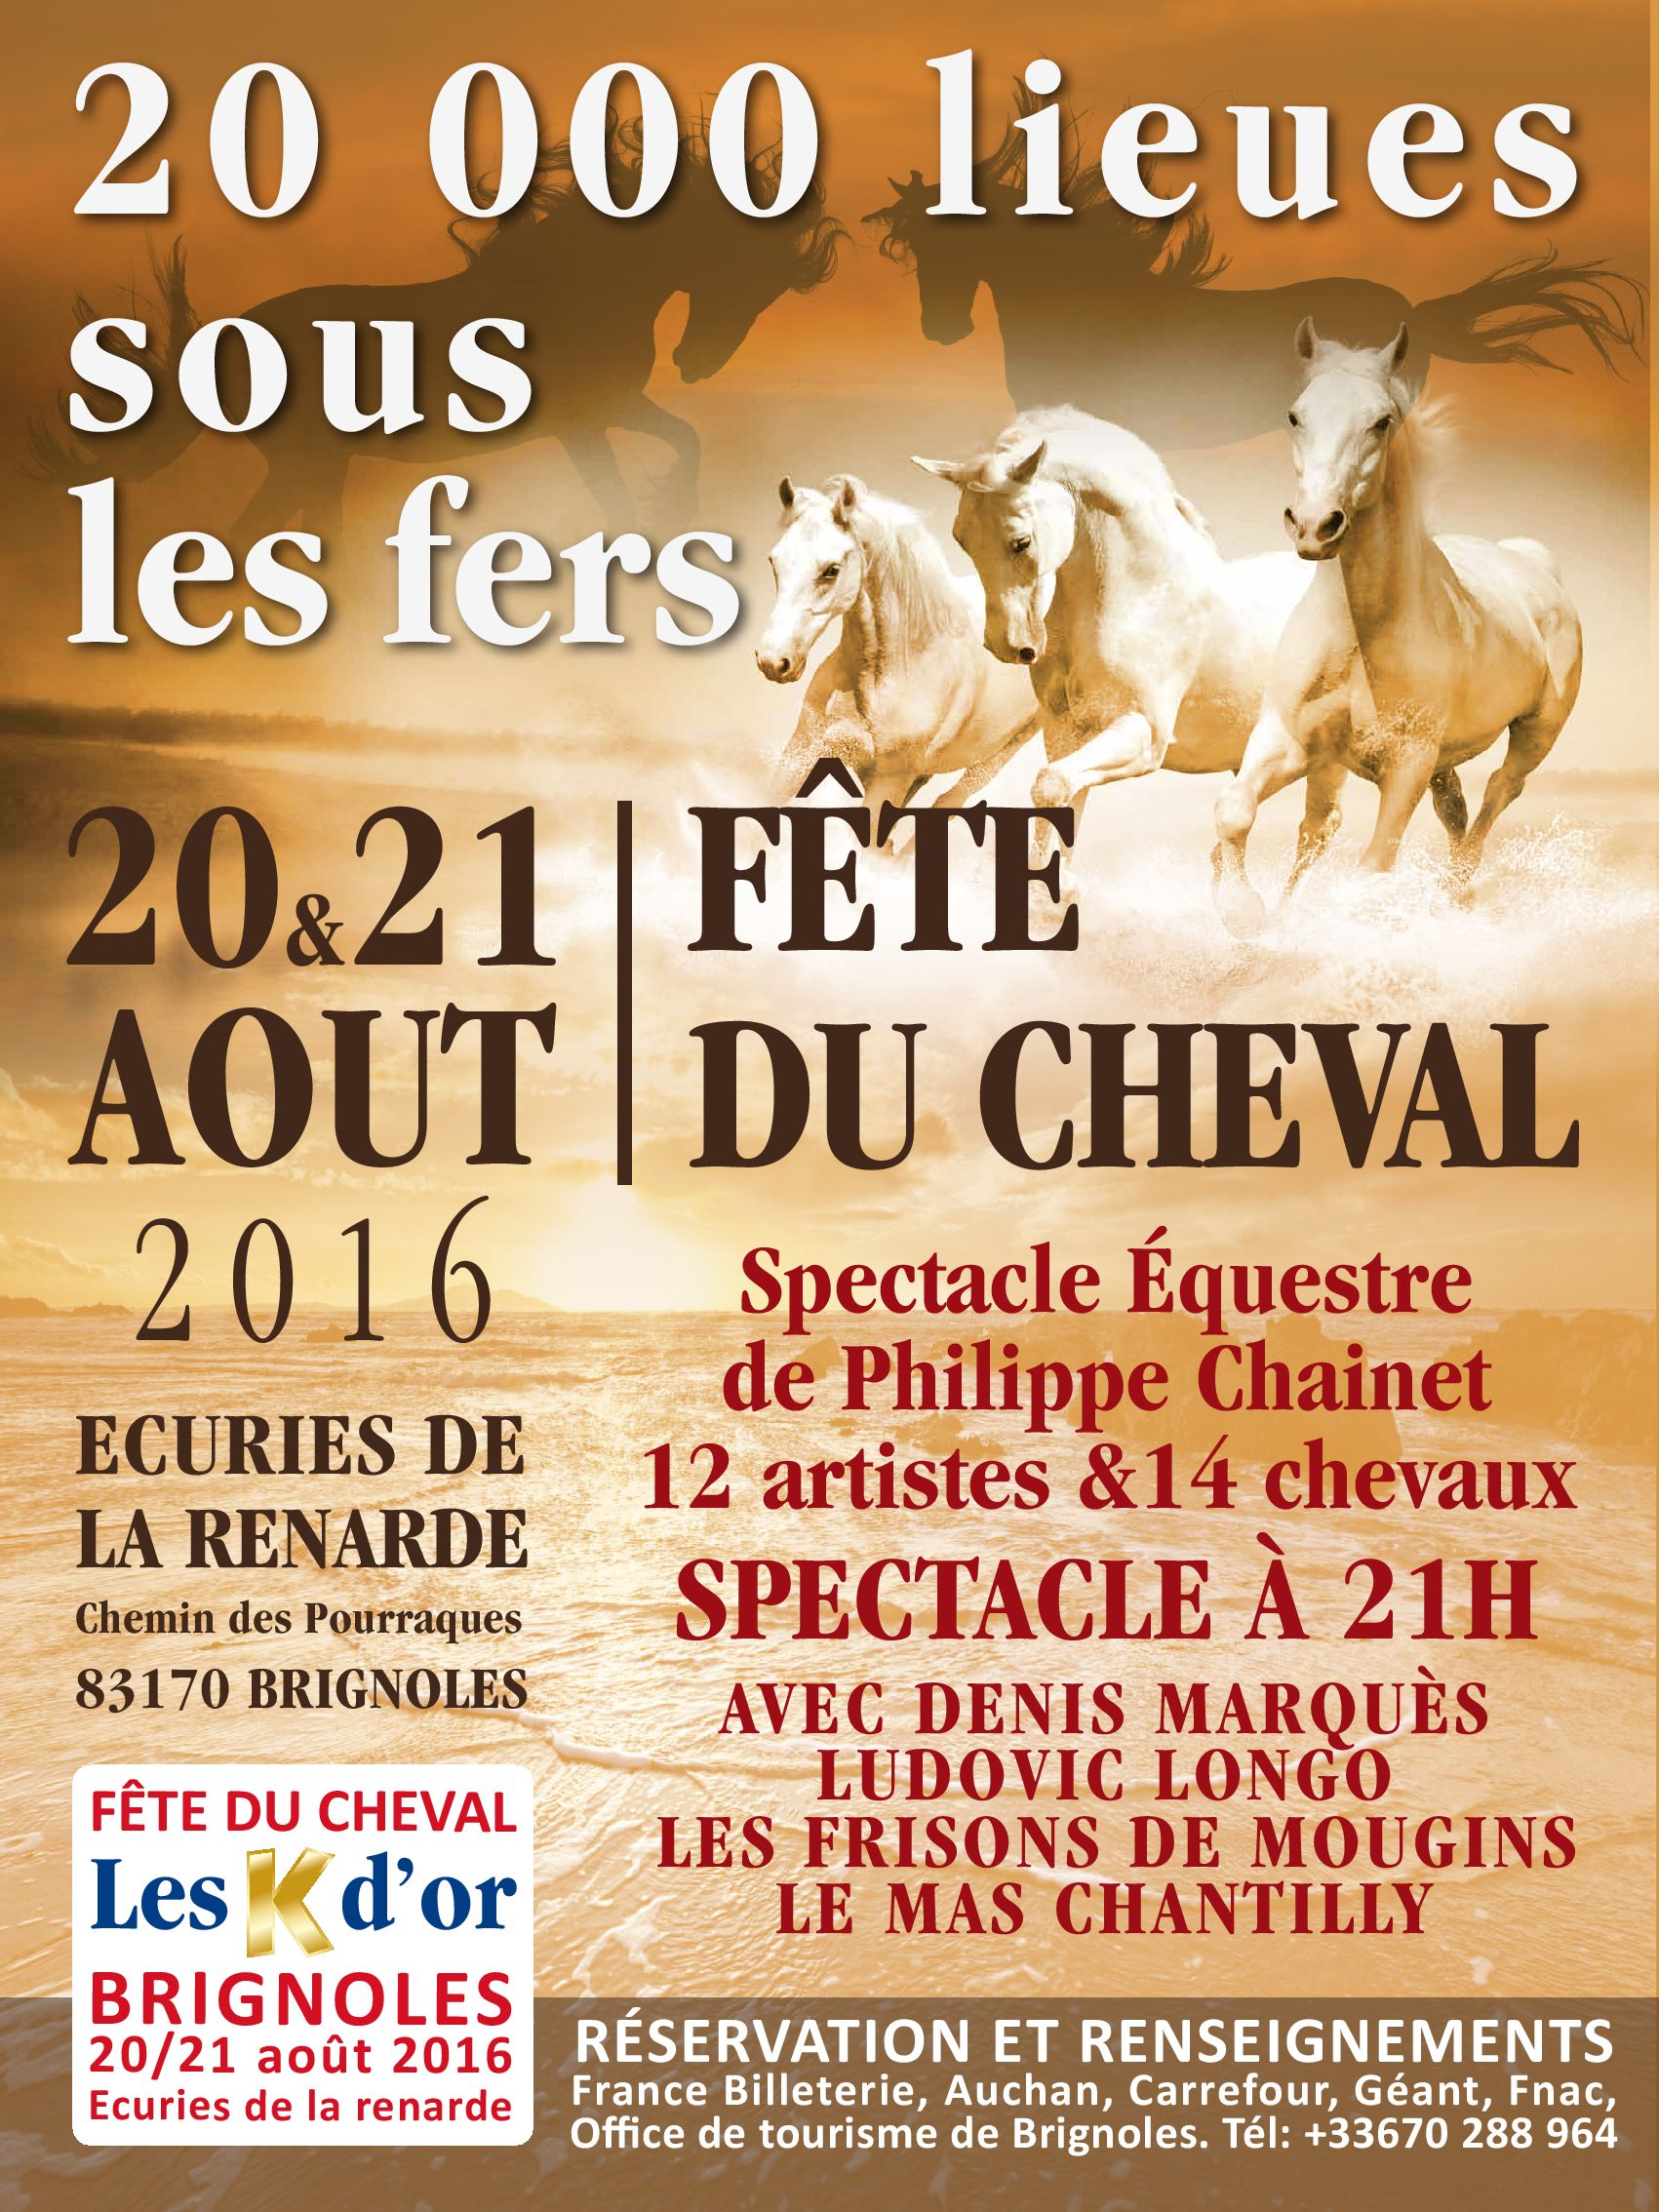 Fete-du-Cheval-Ecurie-de-la-Renarde 2